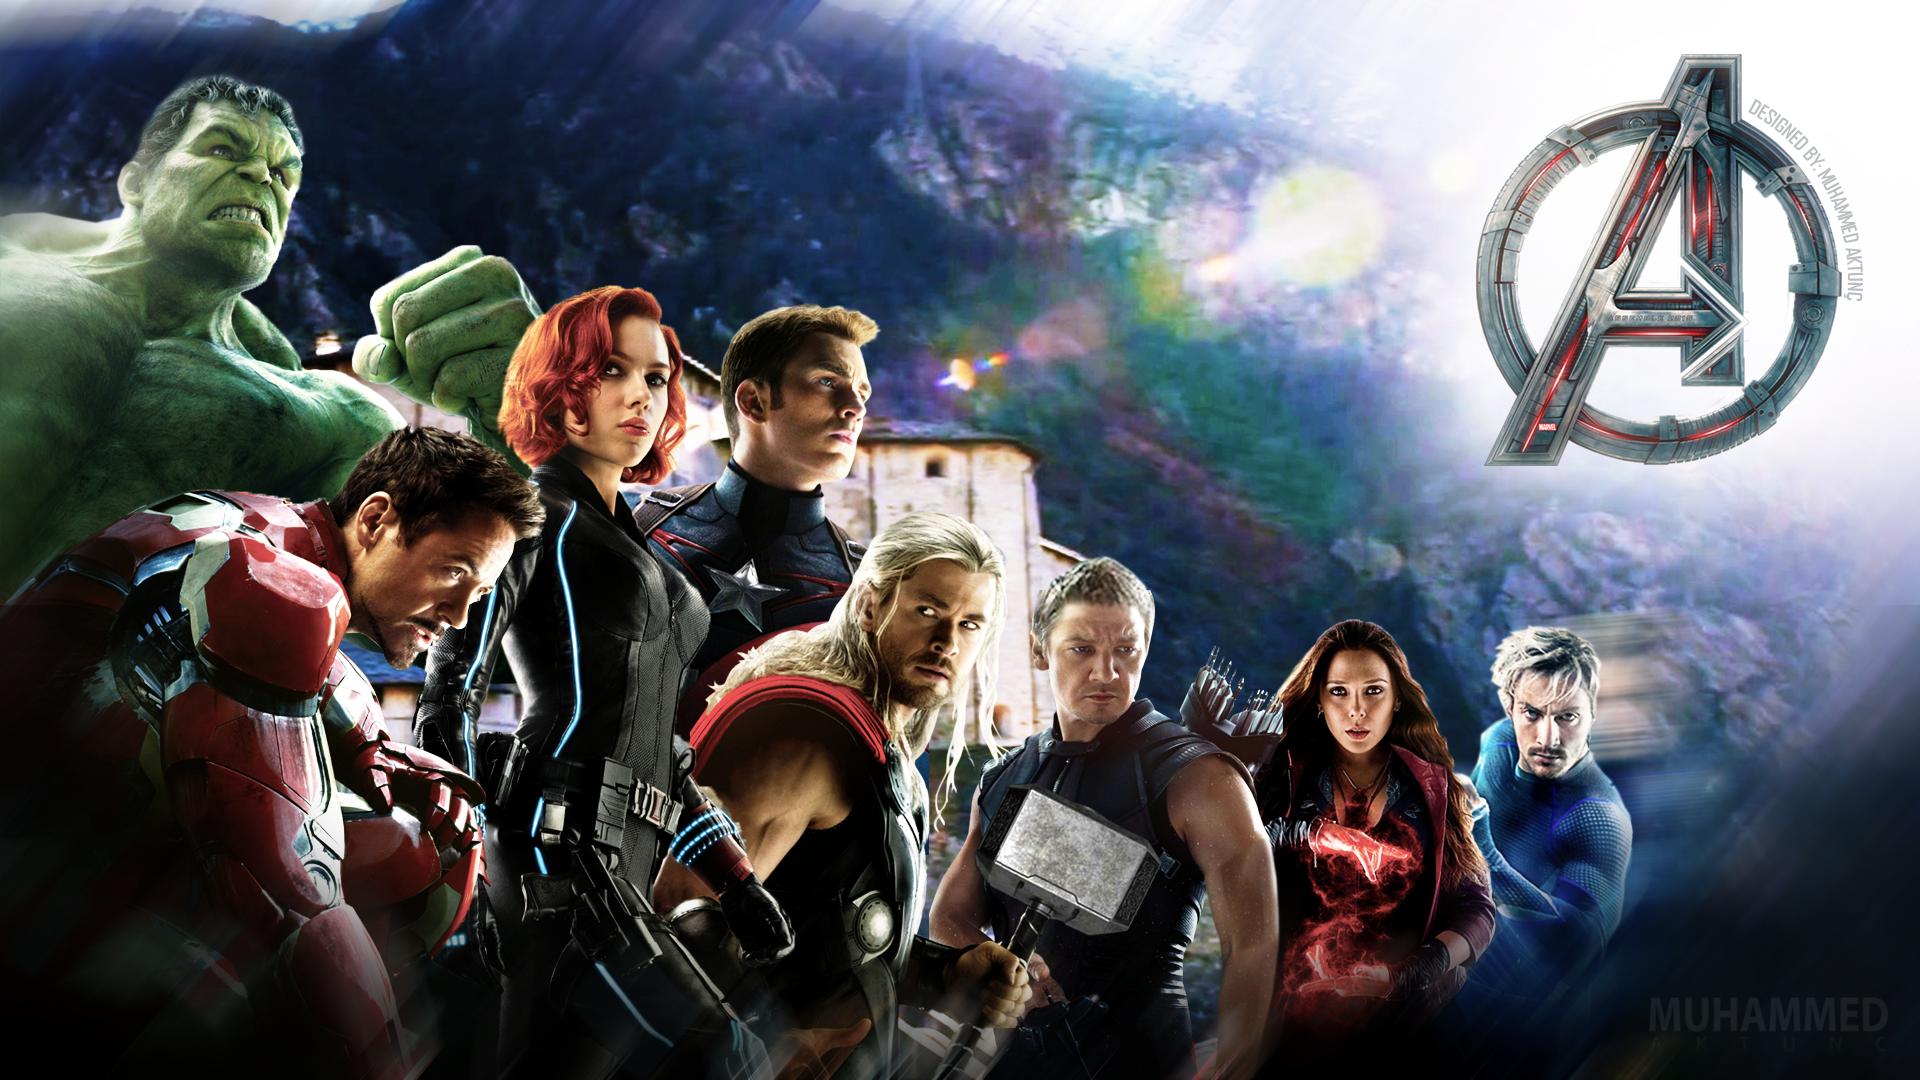 Most Inspiring Wallpaper Marvel Avengers Age Ultron - marvel_s_avengers__age_of_ultron_hd_wallpaper_by_muhammedaktunc-d8n3bfr  Trends_38549.png